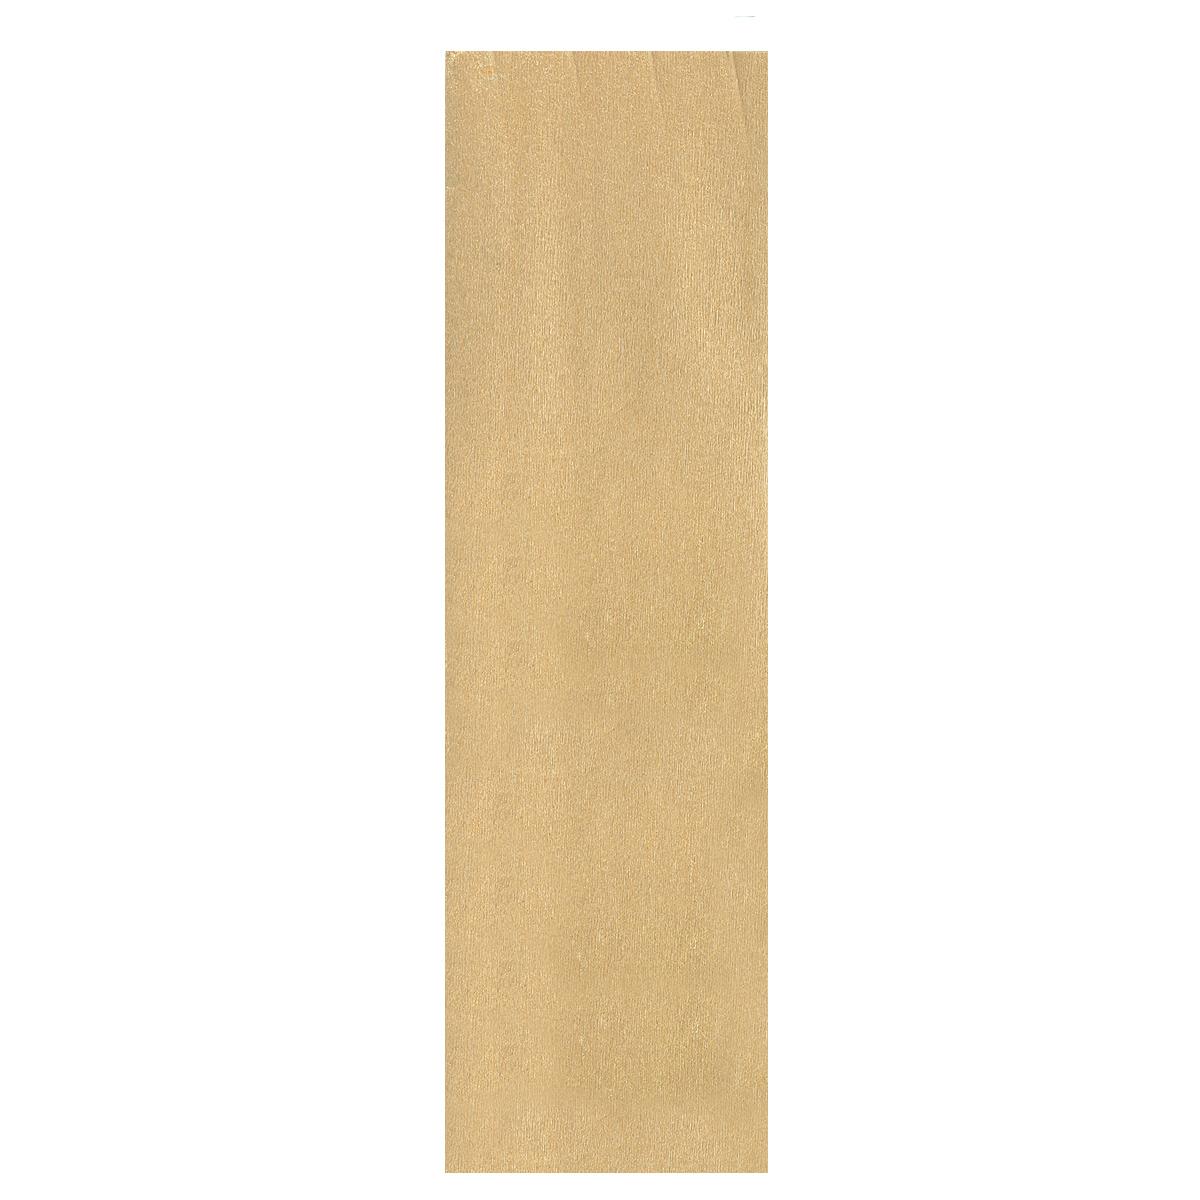 Бумага крепированная Проф-Пресс, металлизированная, цвет: золотистый, 50 х 250 смK100Крепированная металлизированная бумага Проф-Пресс - отличный вариант для воплощения творческих идей не только детей, но и взрослых. Она отлично подойдет для упаковки хрупких изделий, при оформлении букетов, создании сложных цветовых композиций, для декорирования и других оформительских работ. Бумага обладает повышенной прочностью и жесткостью, хорошо растягивается, имеет жатую поверхность.Кроме того, металлизированная бумага Проф-Пресс поможет увлечь ребенка, развивая интерес к художественному творчеству, эстетический вкус и восприятие, увеличивая желание делать подарки своими руками, воспитывая самостоятельность и аккуратность в работе. Такая бумага поможет вашему ребенку раскрыть свои таланты.